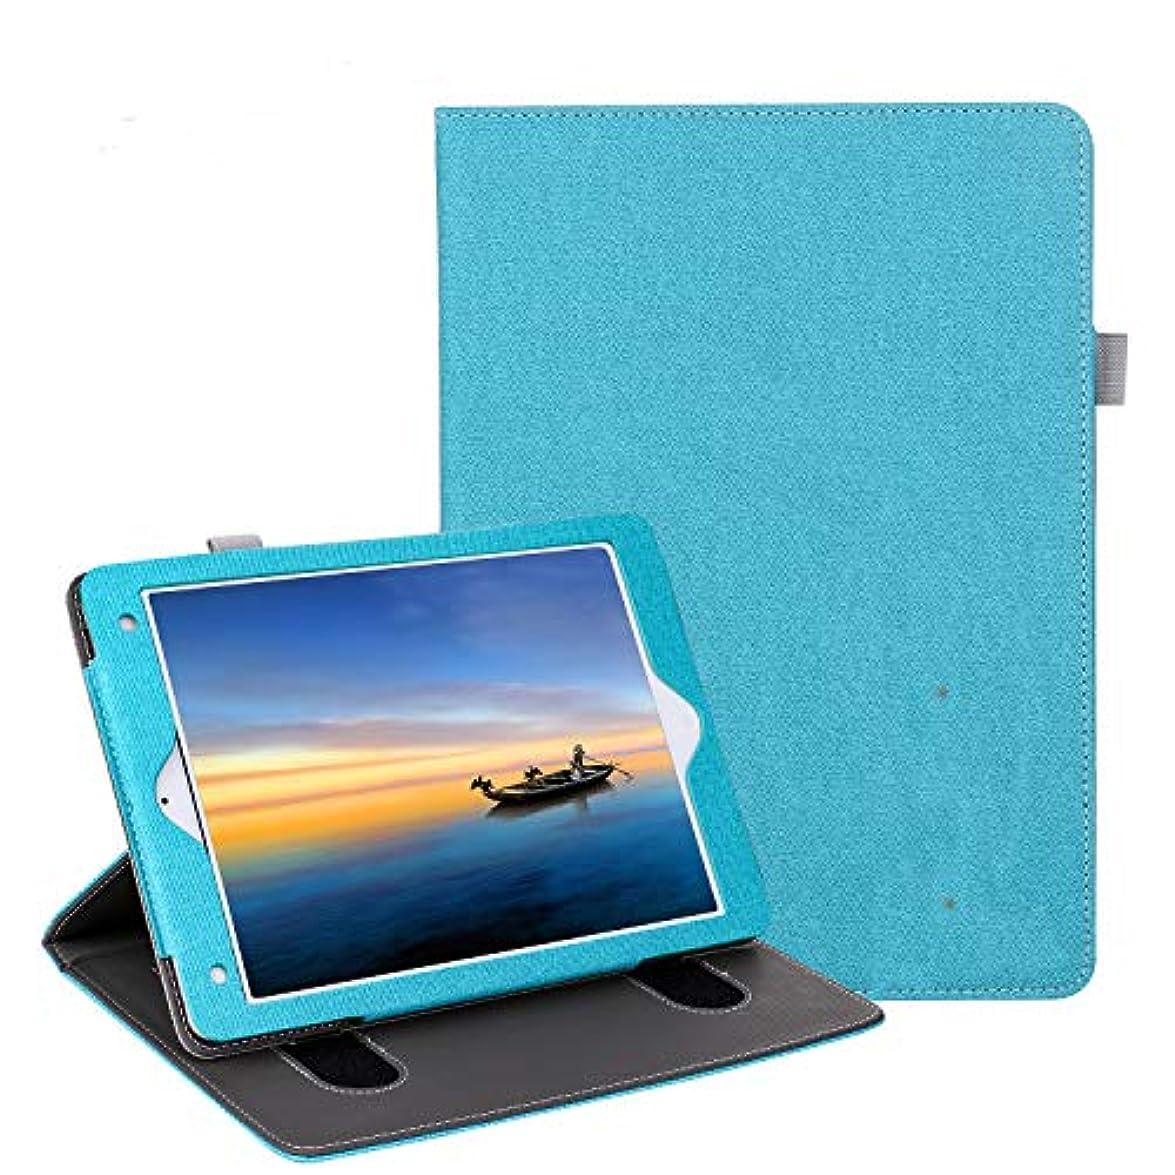 続編直面する見積りQingyou iPad 9.7ケース 9.7インチiPadケース 保護カバー タブレット ハンドストラップ上質なPUレザーケース 超軽量 スタンド機能 ペンシル収納可能 オートスリープ機能 ポケット付き 手帳型 指紋/傷防止 全面保護 耐衝撃 9.7インチケースiPad 9.7 2017/2018 /Pro 9.7/air/air 2対応 水ブルー